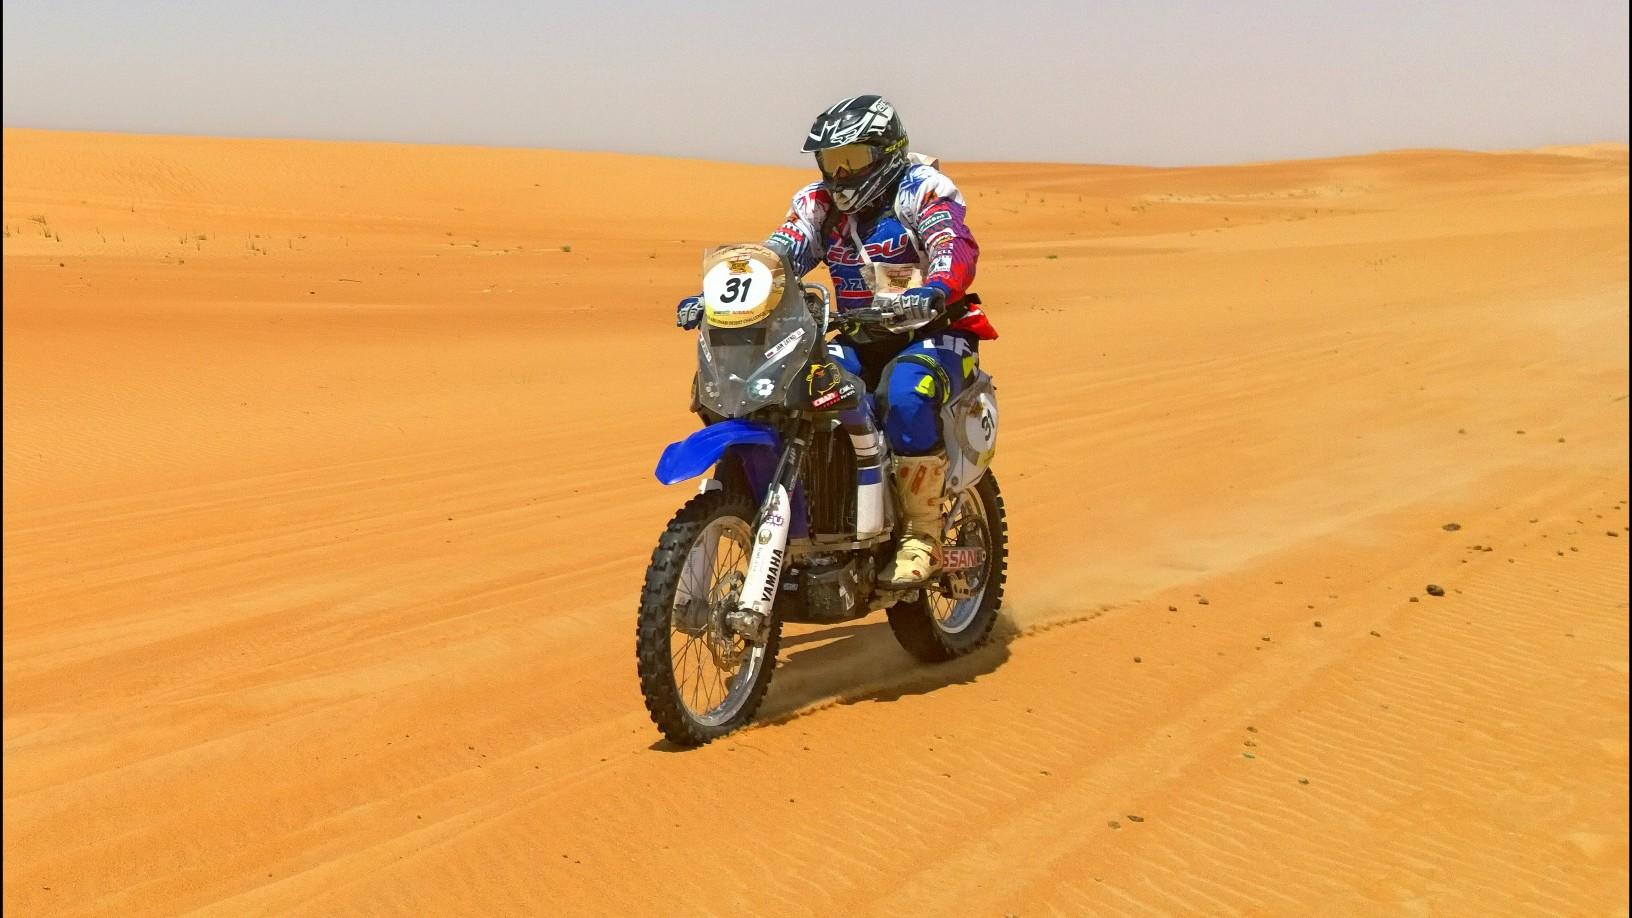 Abu Dhabi Desert Challenge 2015 Yamaha WR450F Rally 21